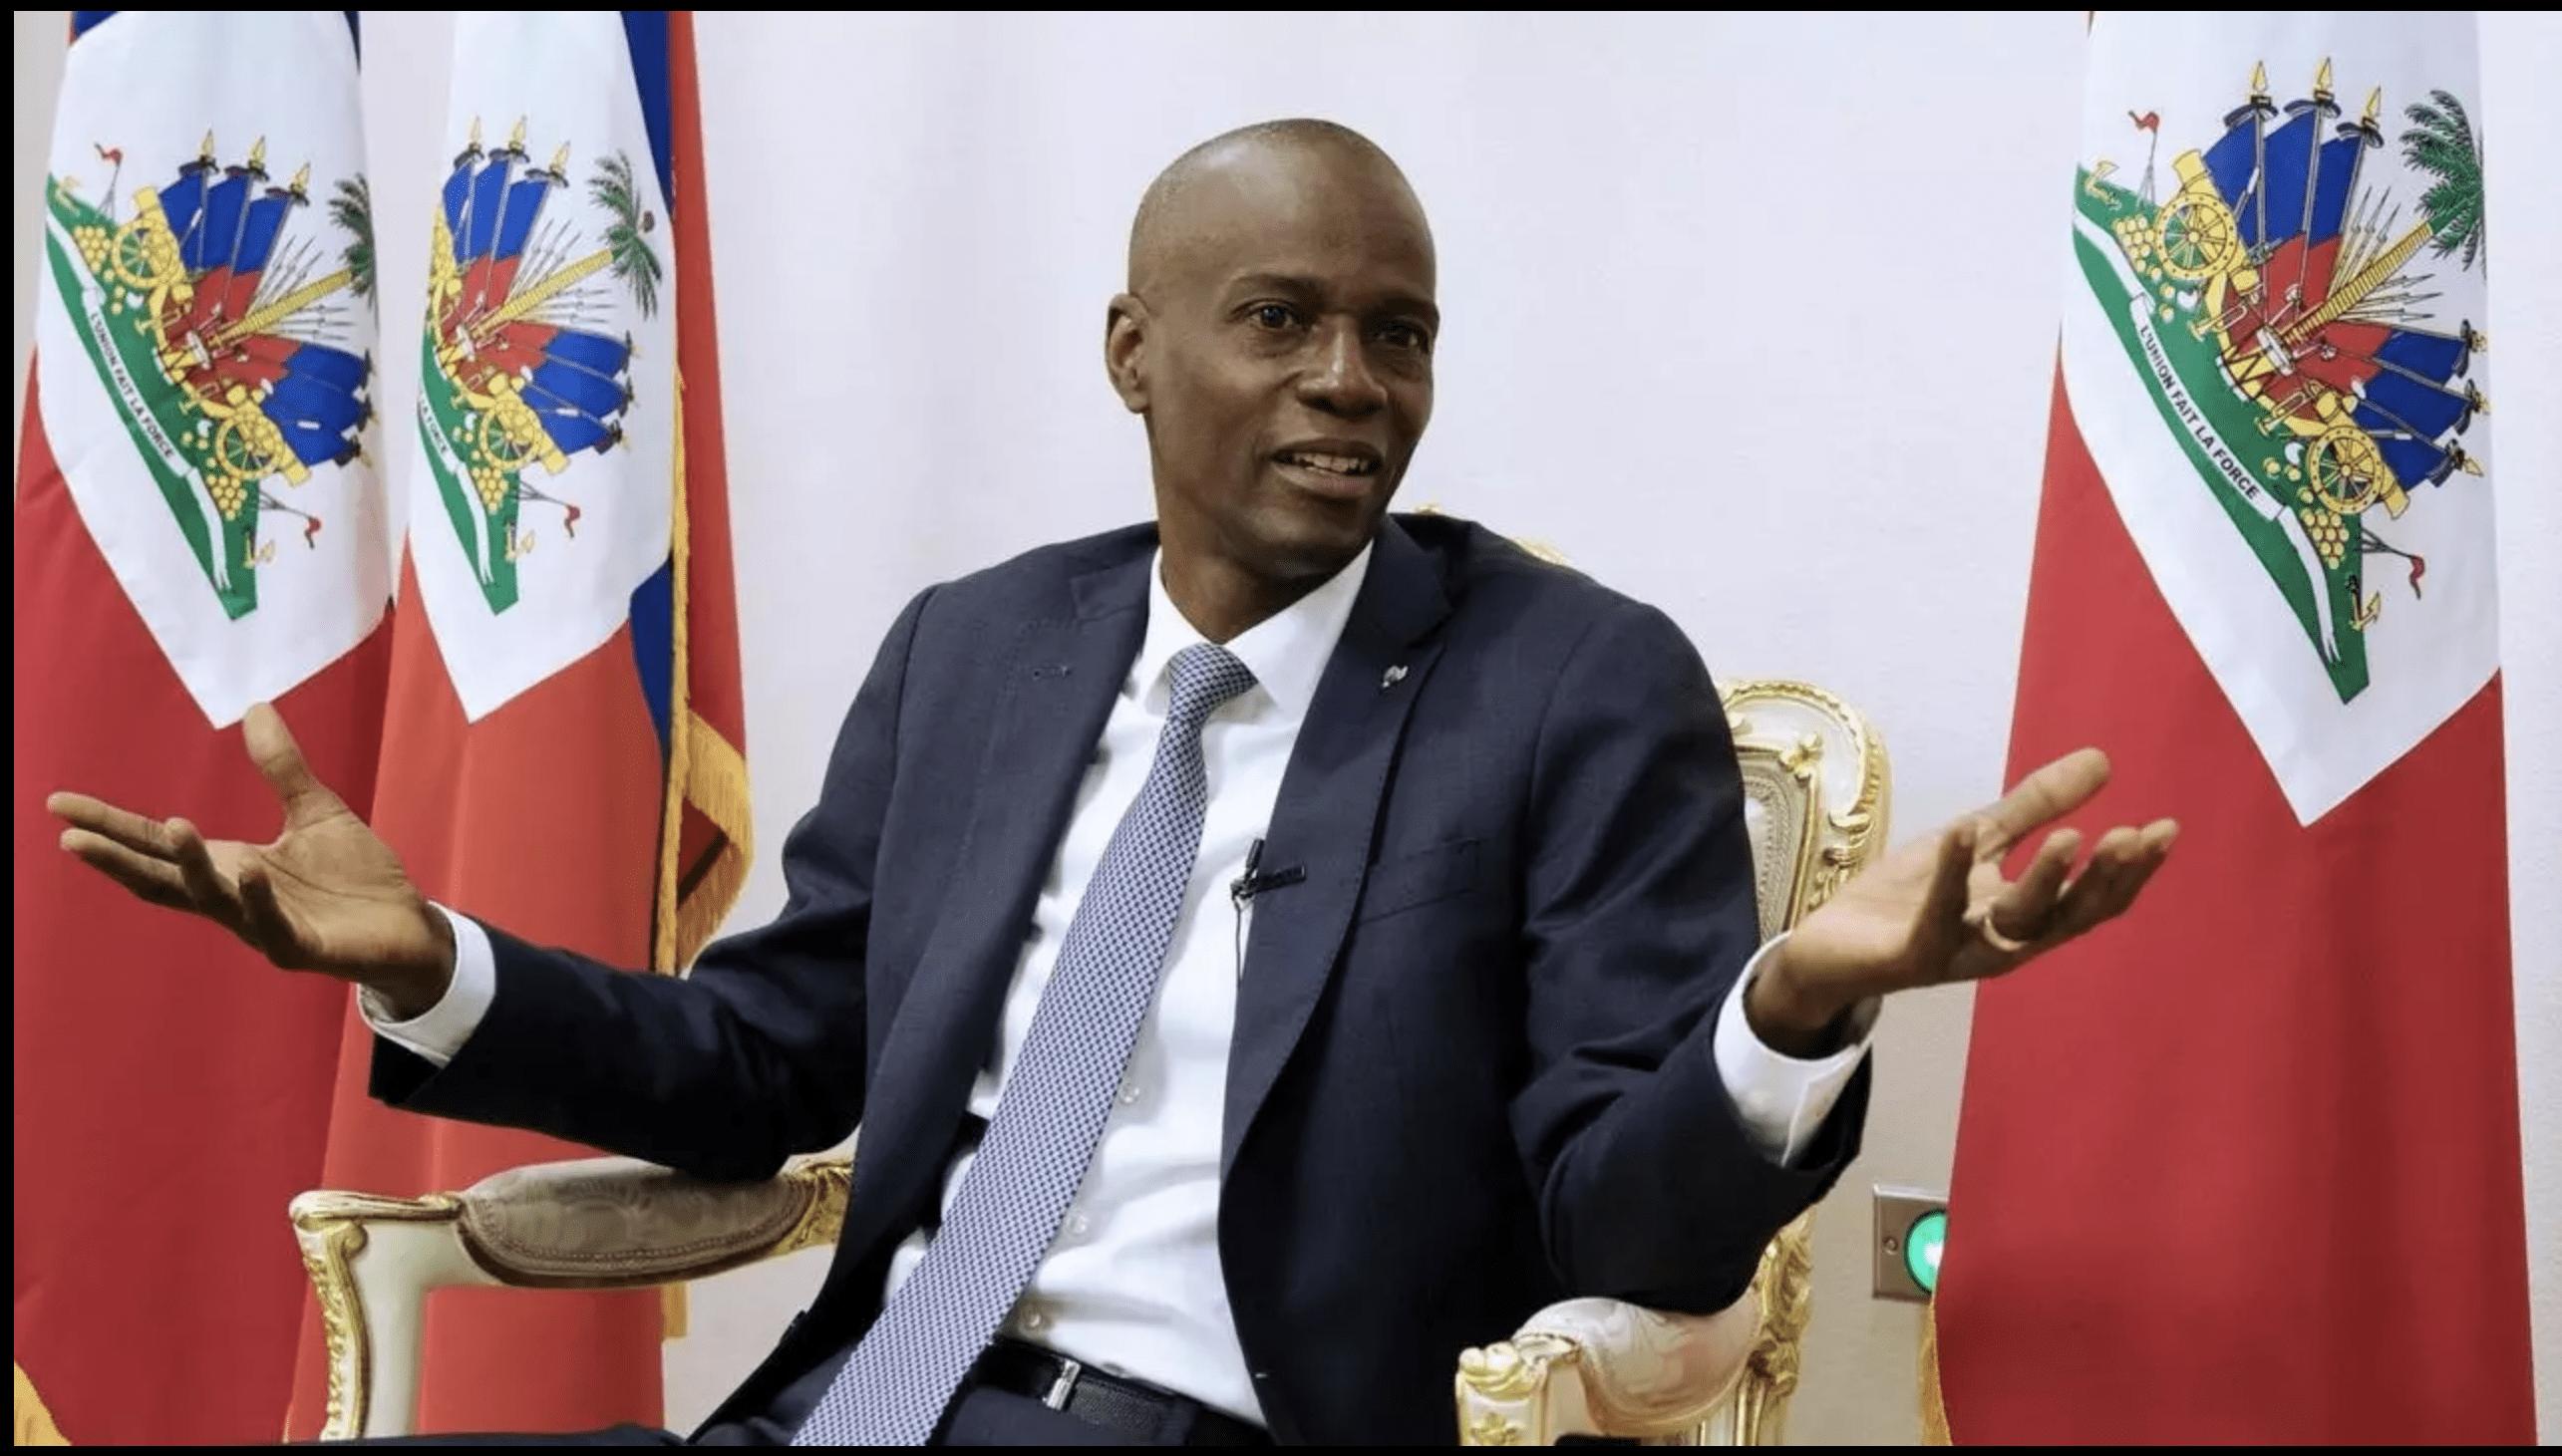 Ayiti-Aktyalite: Nou p ap ka asisen m, nou p ap ka anprizone m, nou p ap ka egzile m, mwen kroke nan gòj nou» deklarasyon Jovenel Moïse